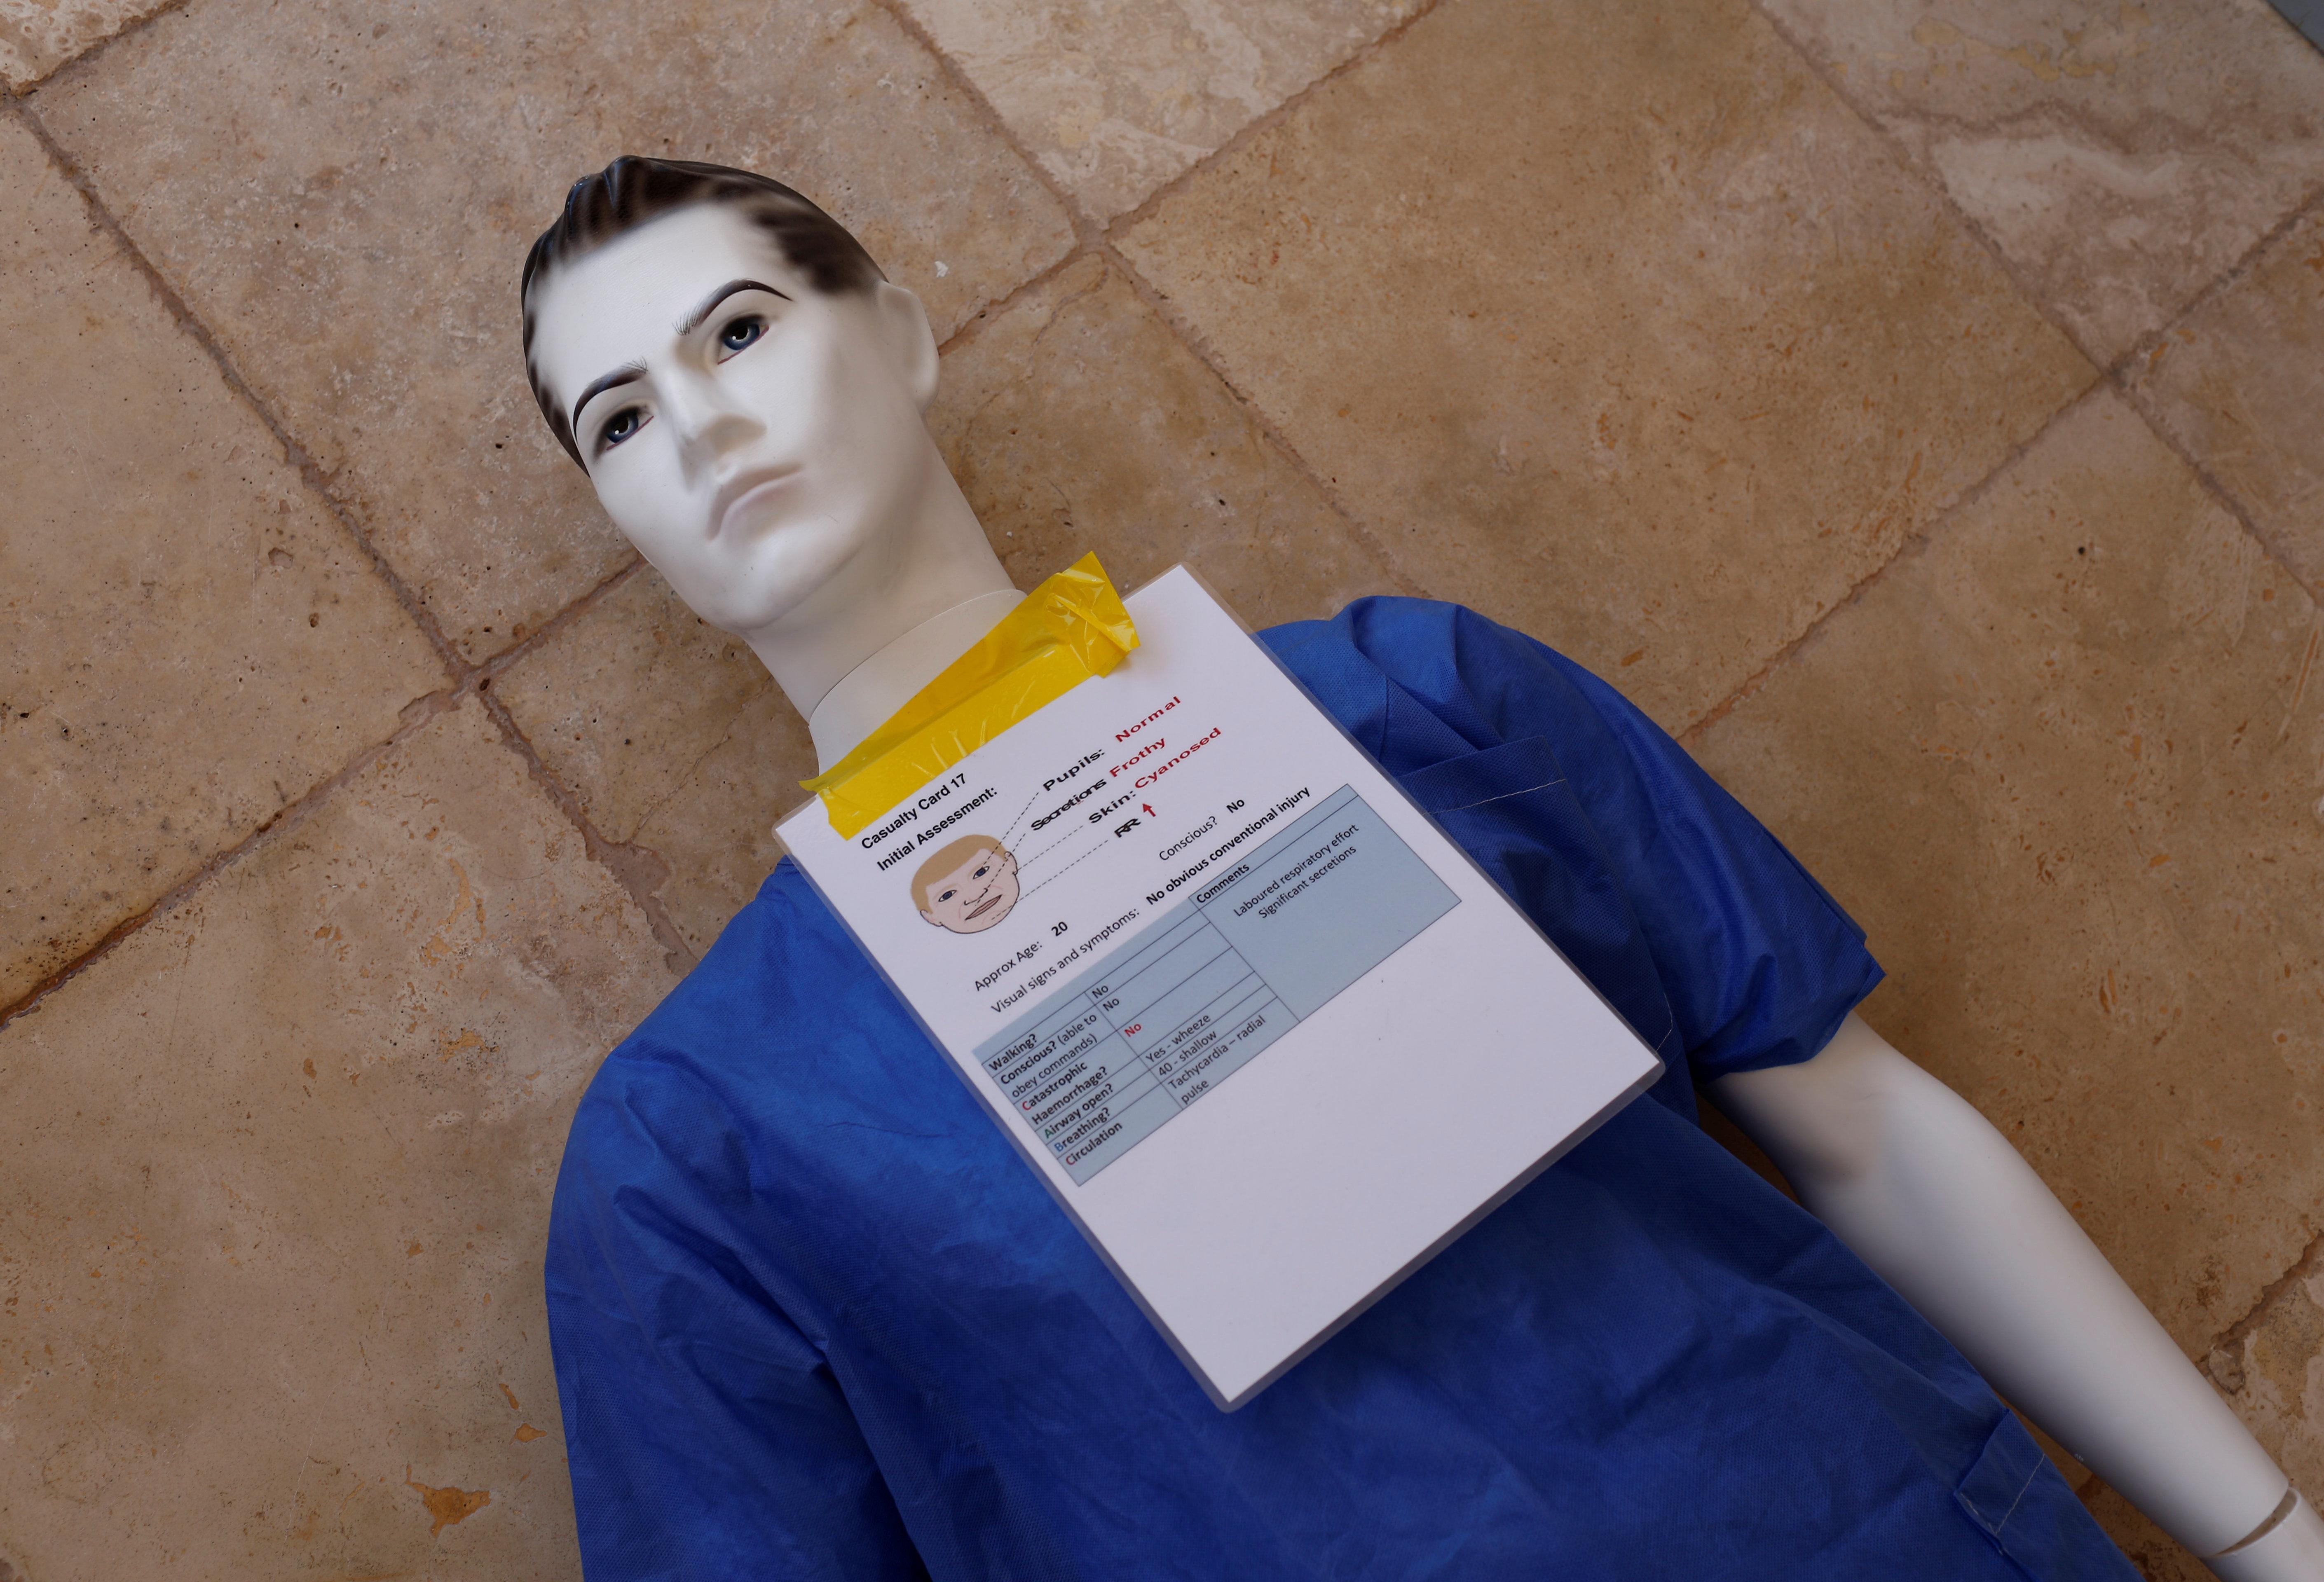 L'enquête sur une attaque chimique présumée en Syrie au point